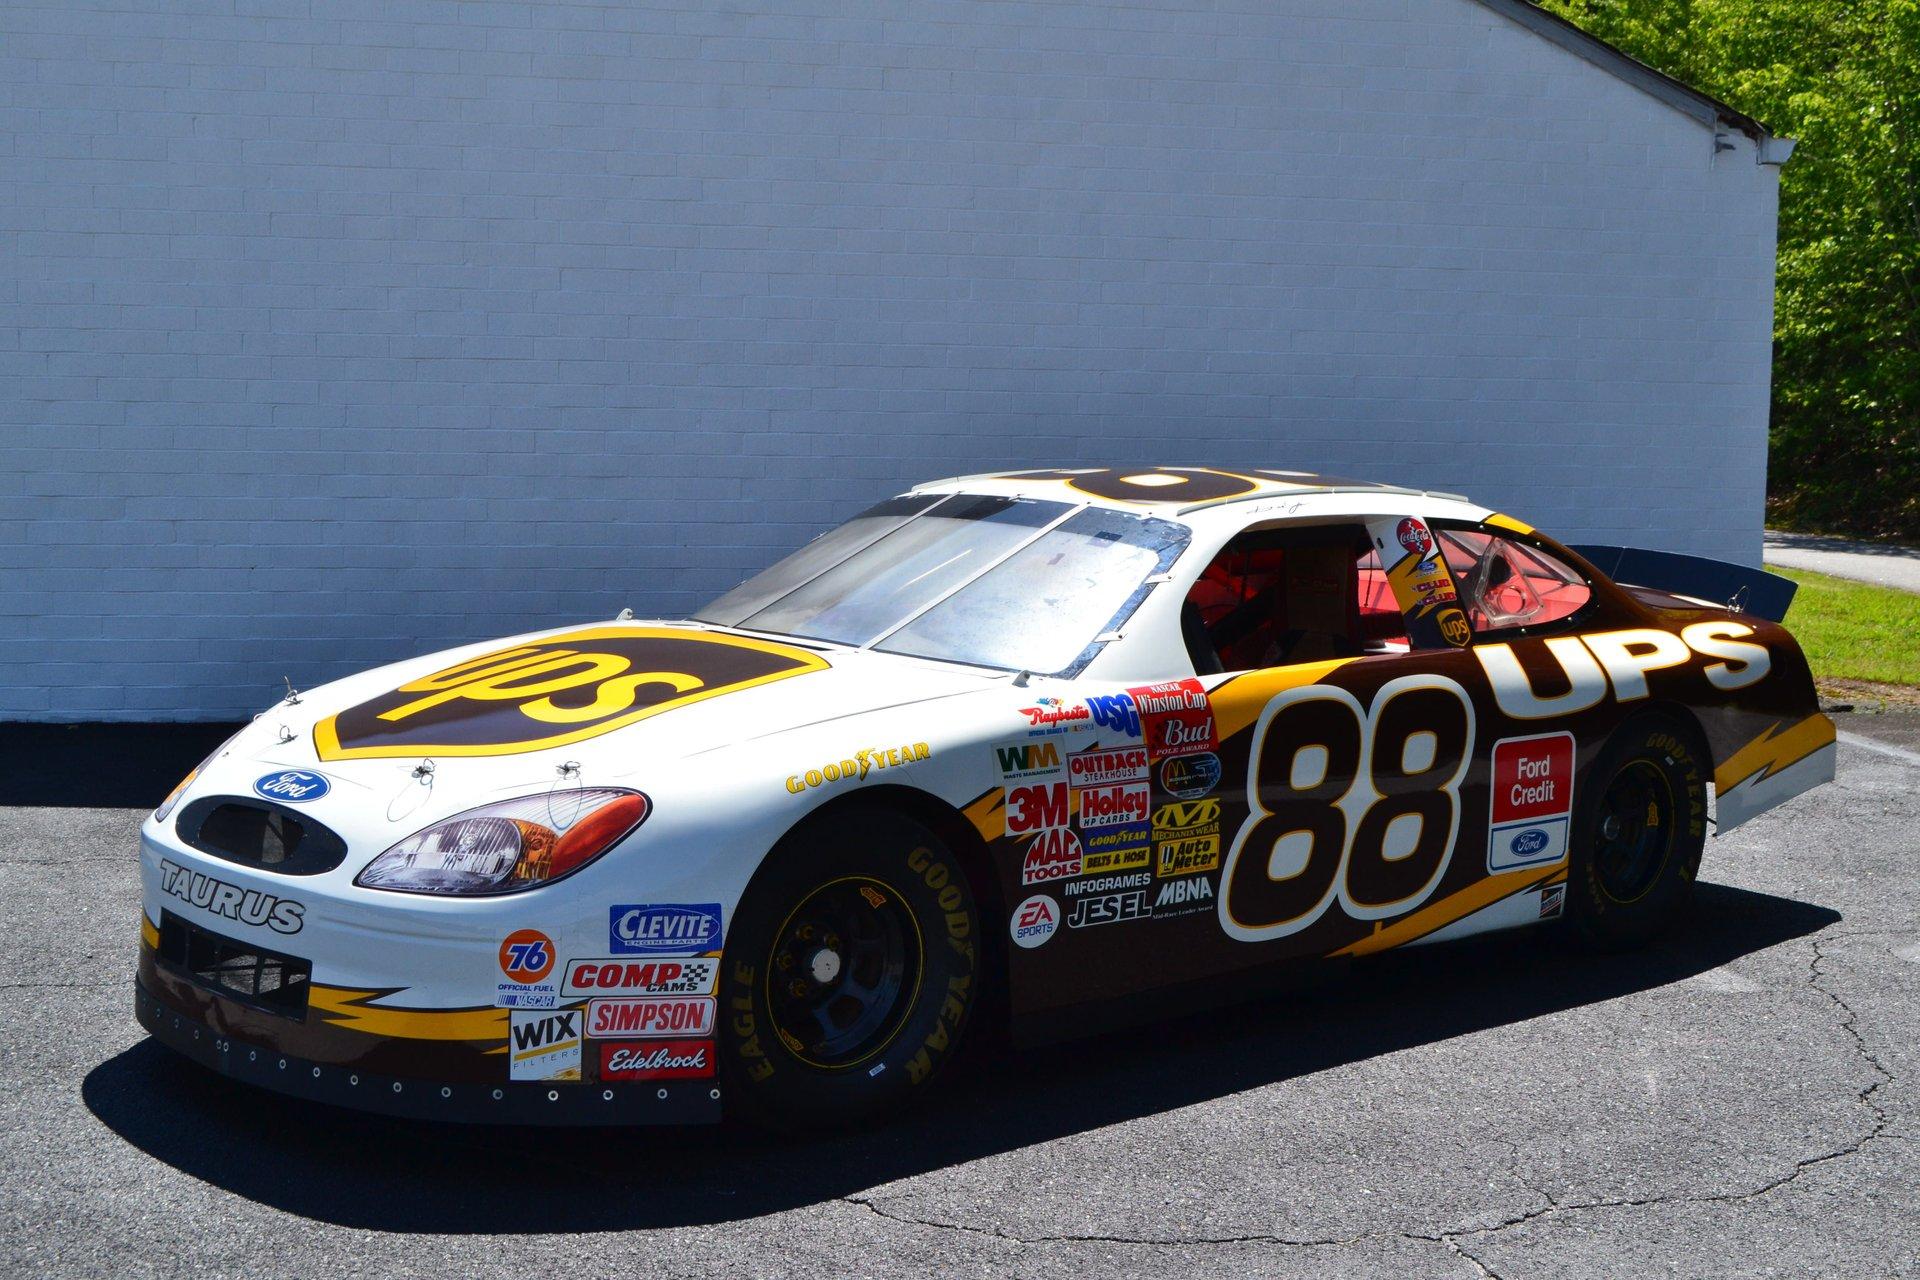 1997 ford taurus 88 dale jarrett race car